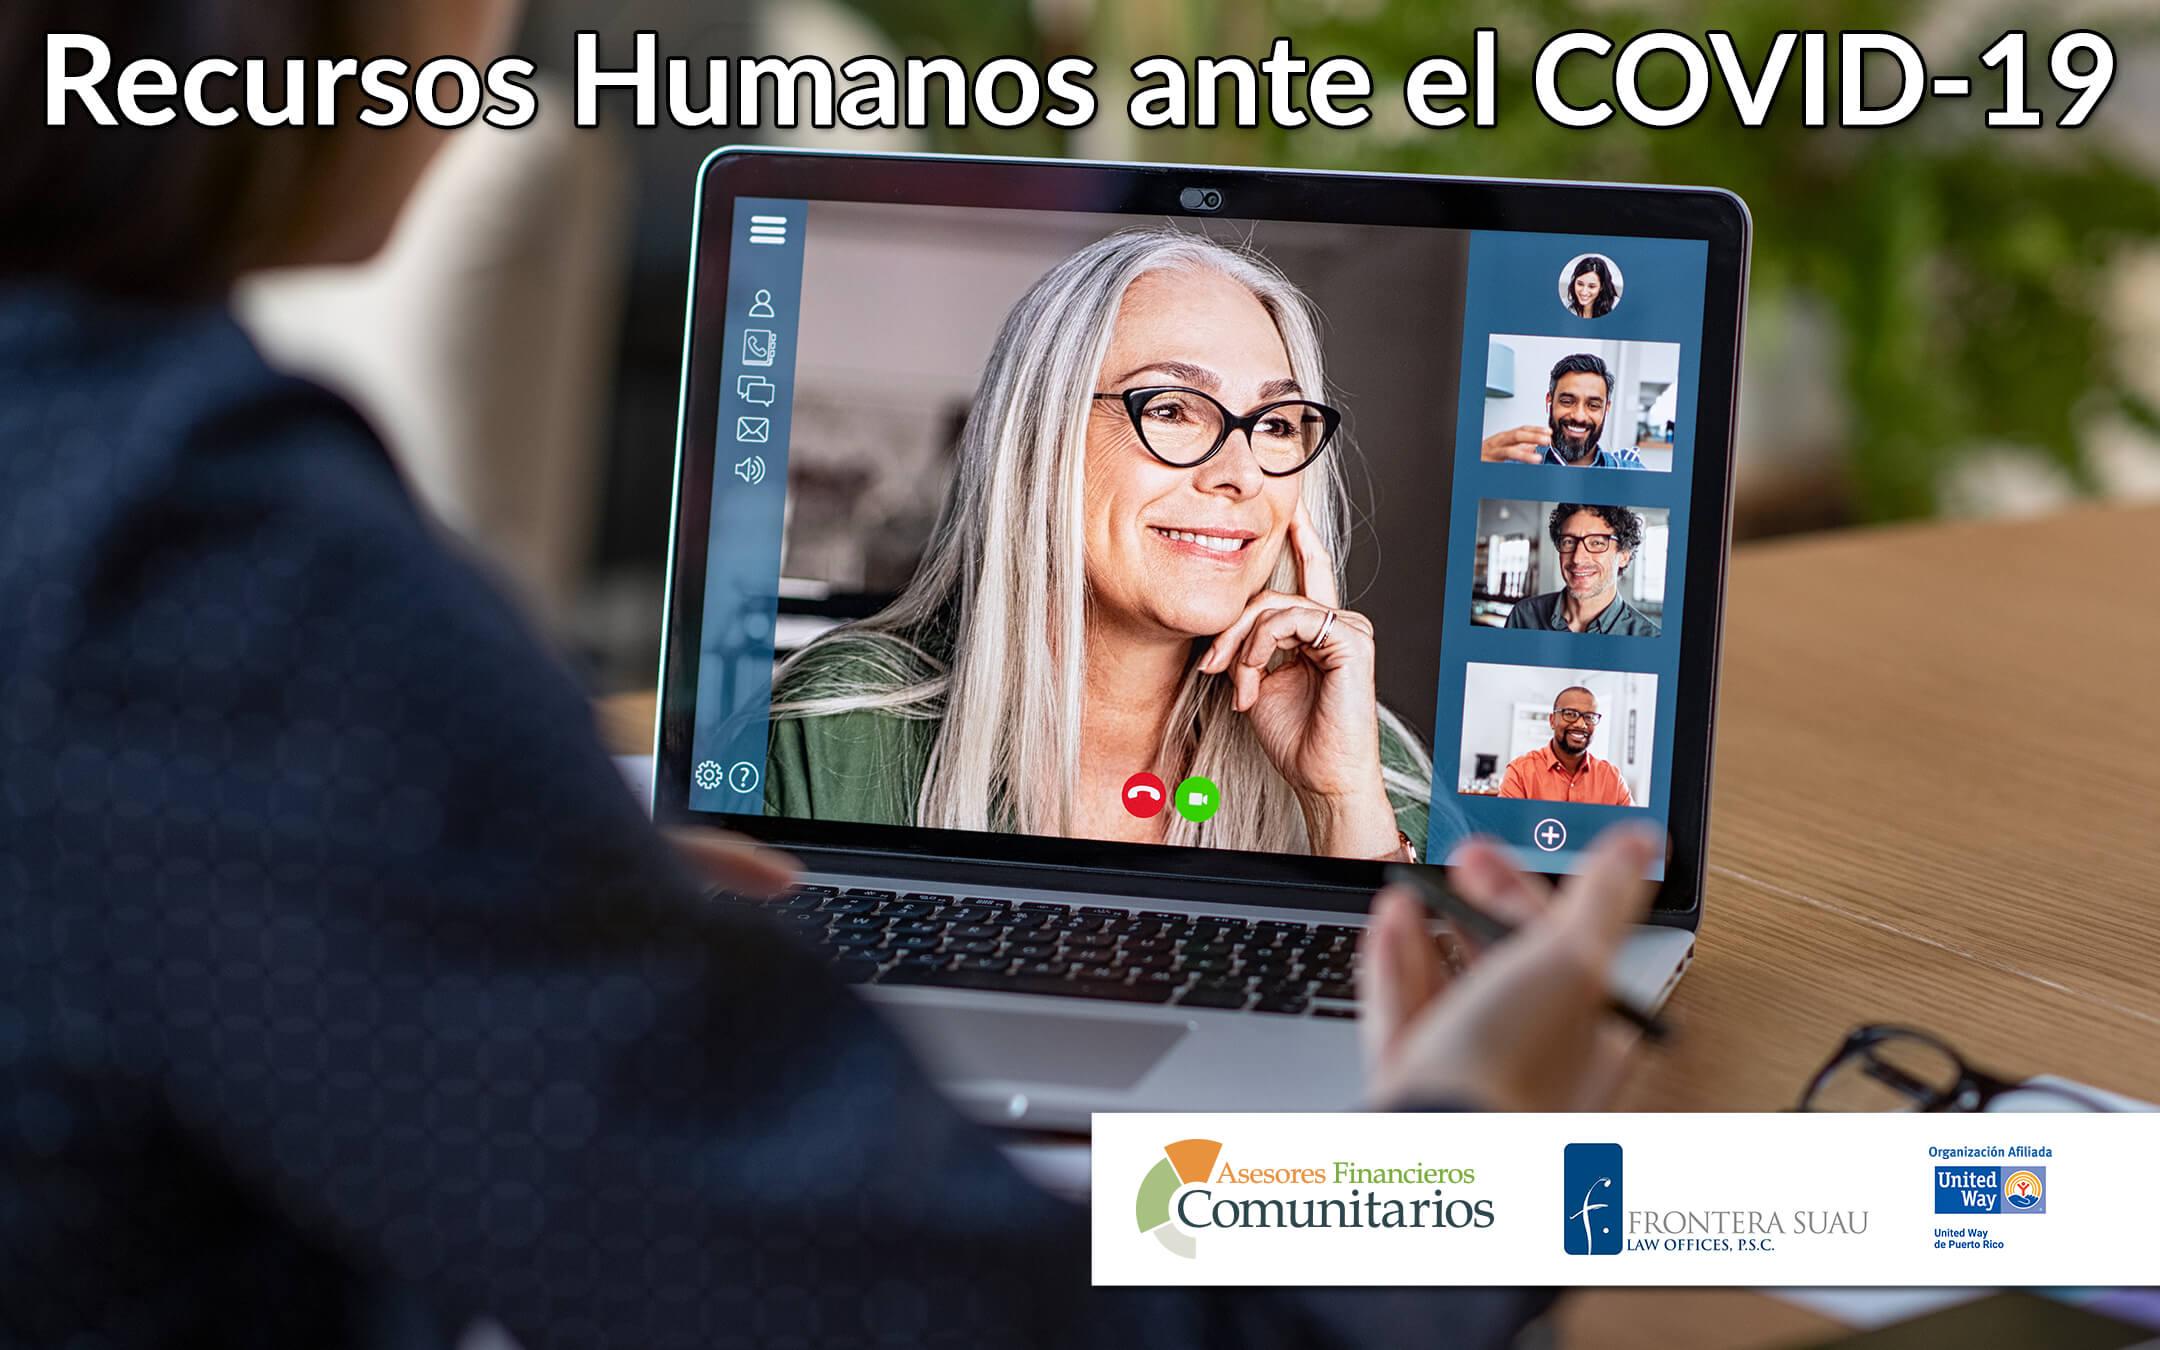 Recursos Humanos ante el COVID-19